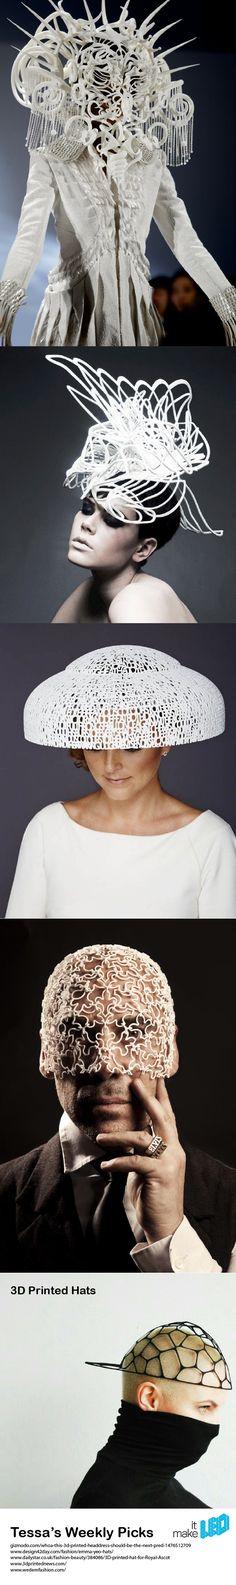 Tessa's Weekly Picks   3D Printed Hat Designs